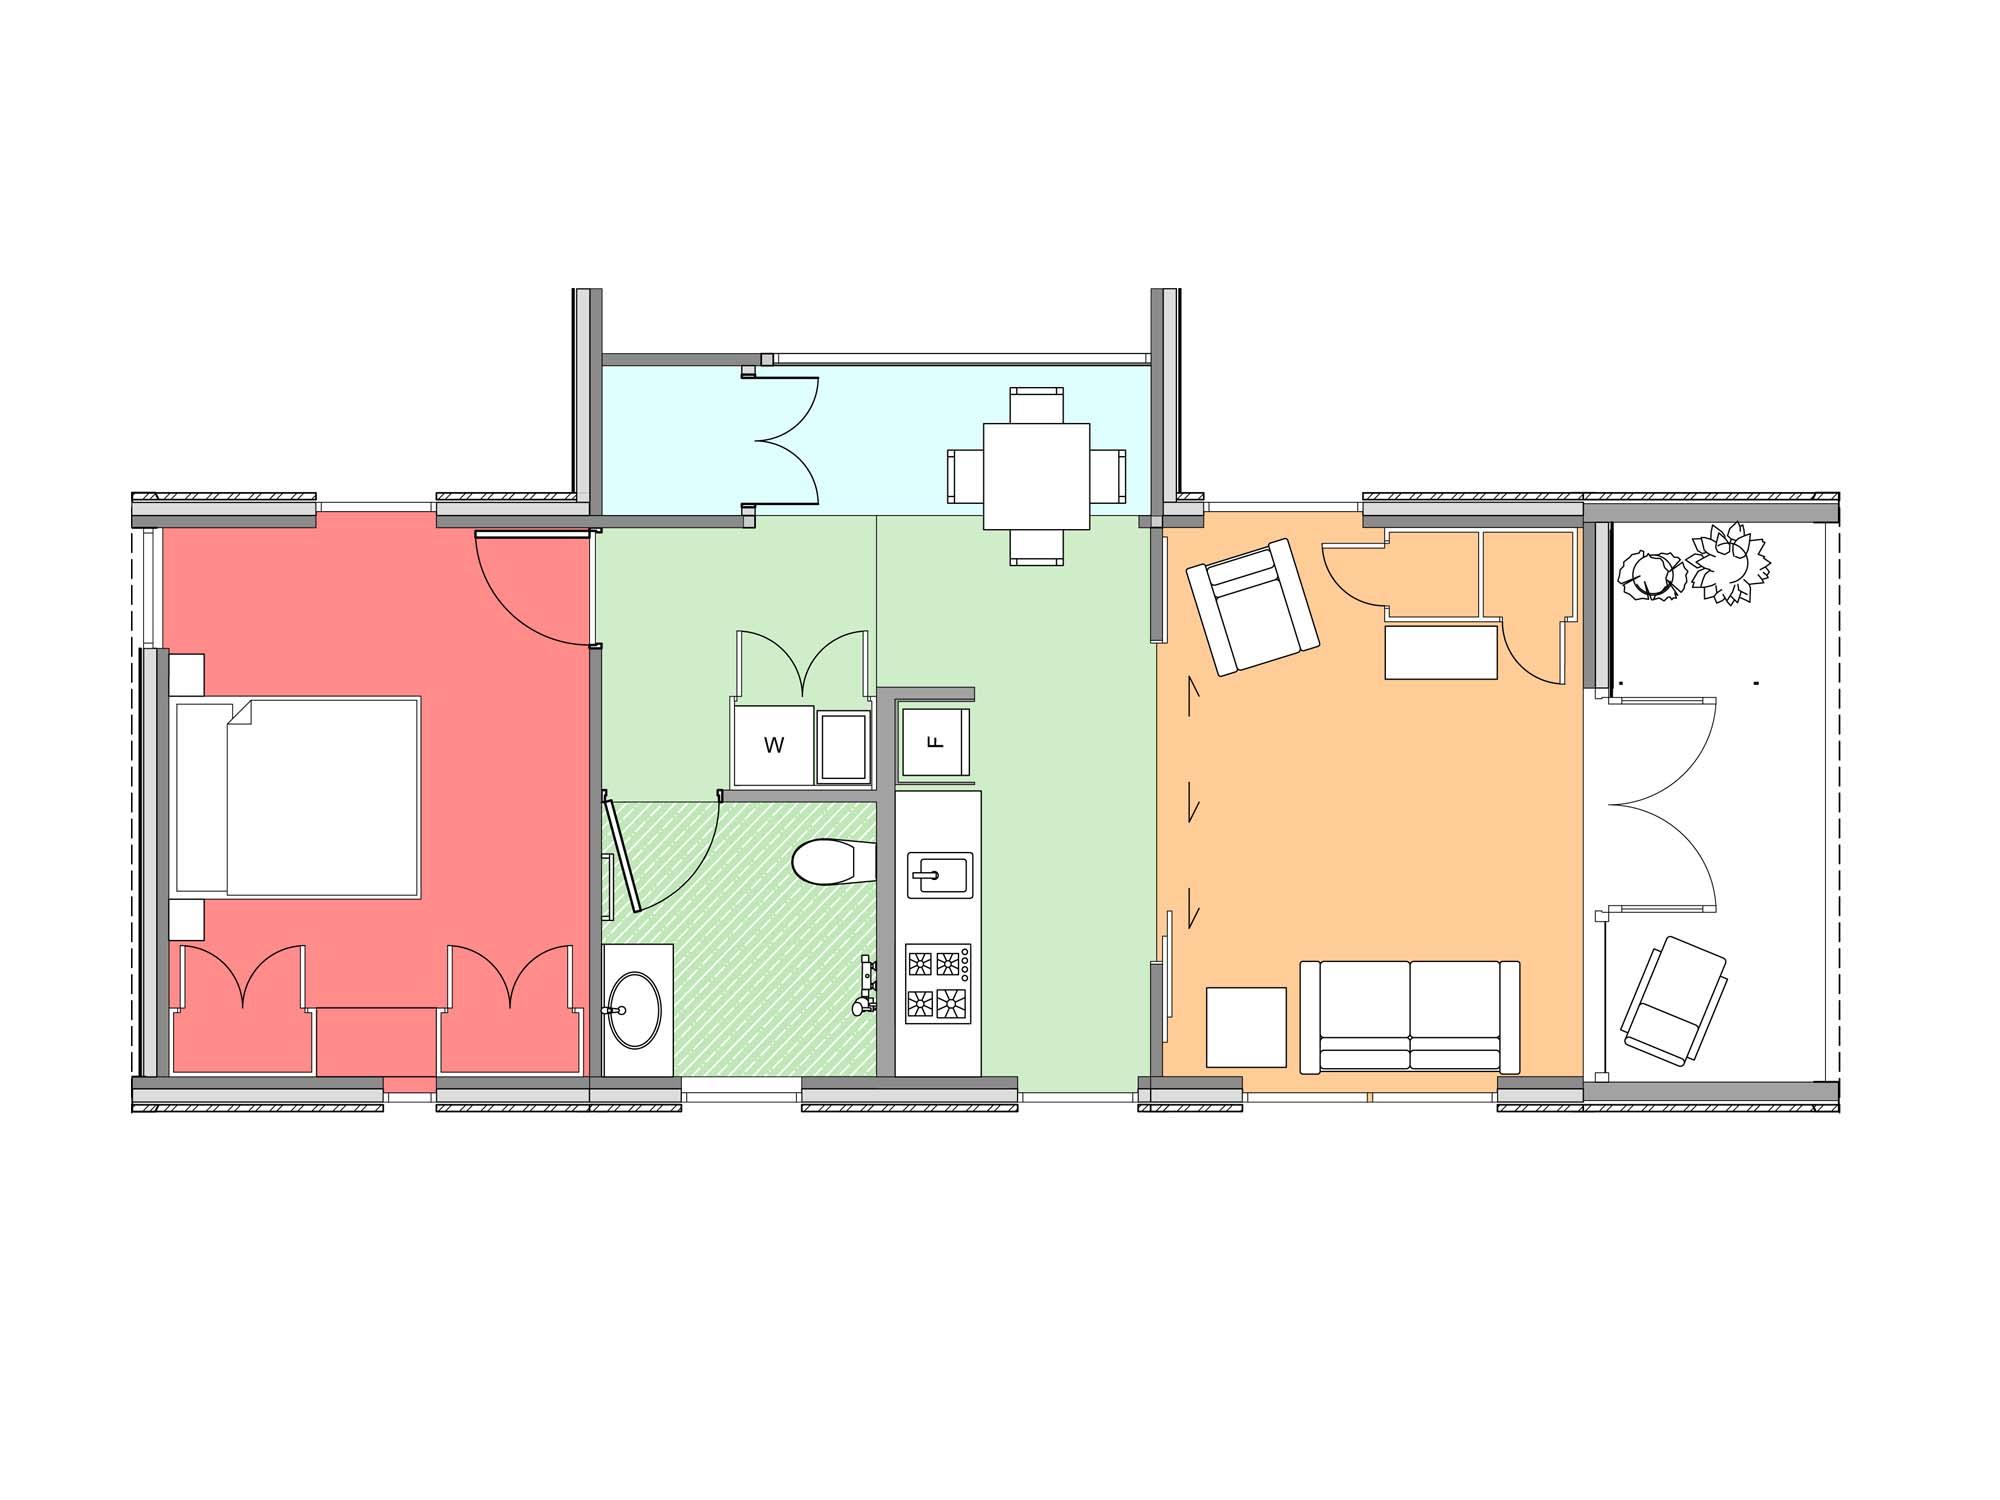 Plan of Te Whare-iti TWI 14